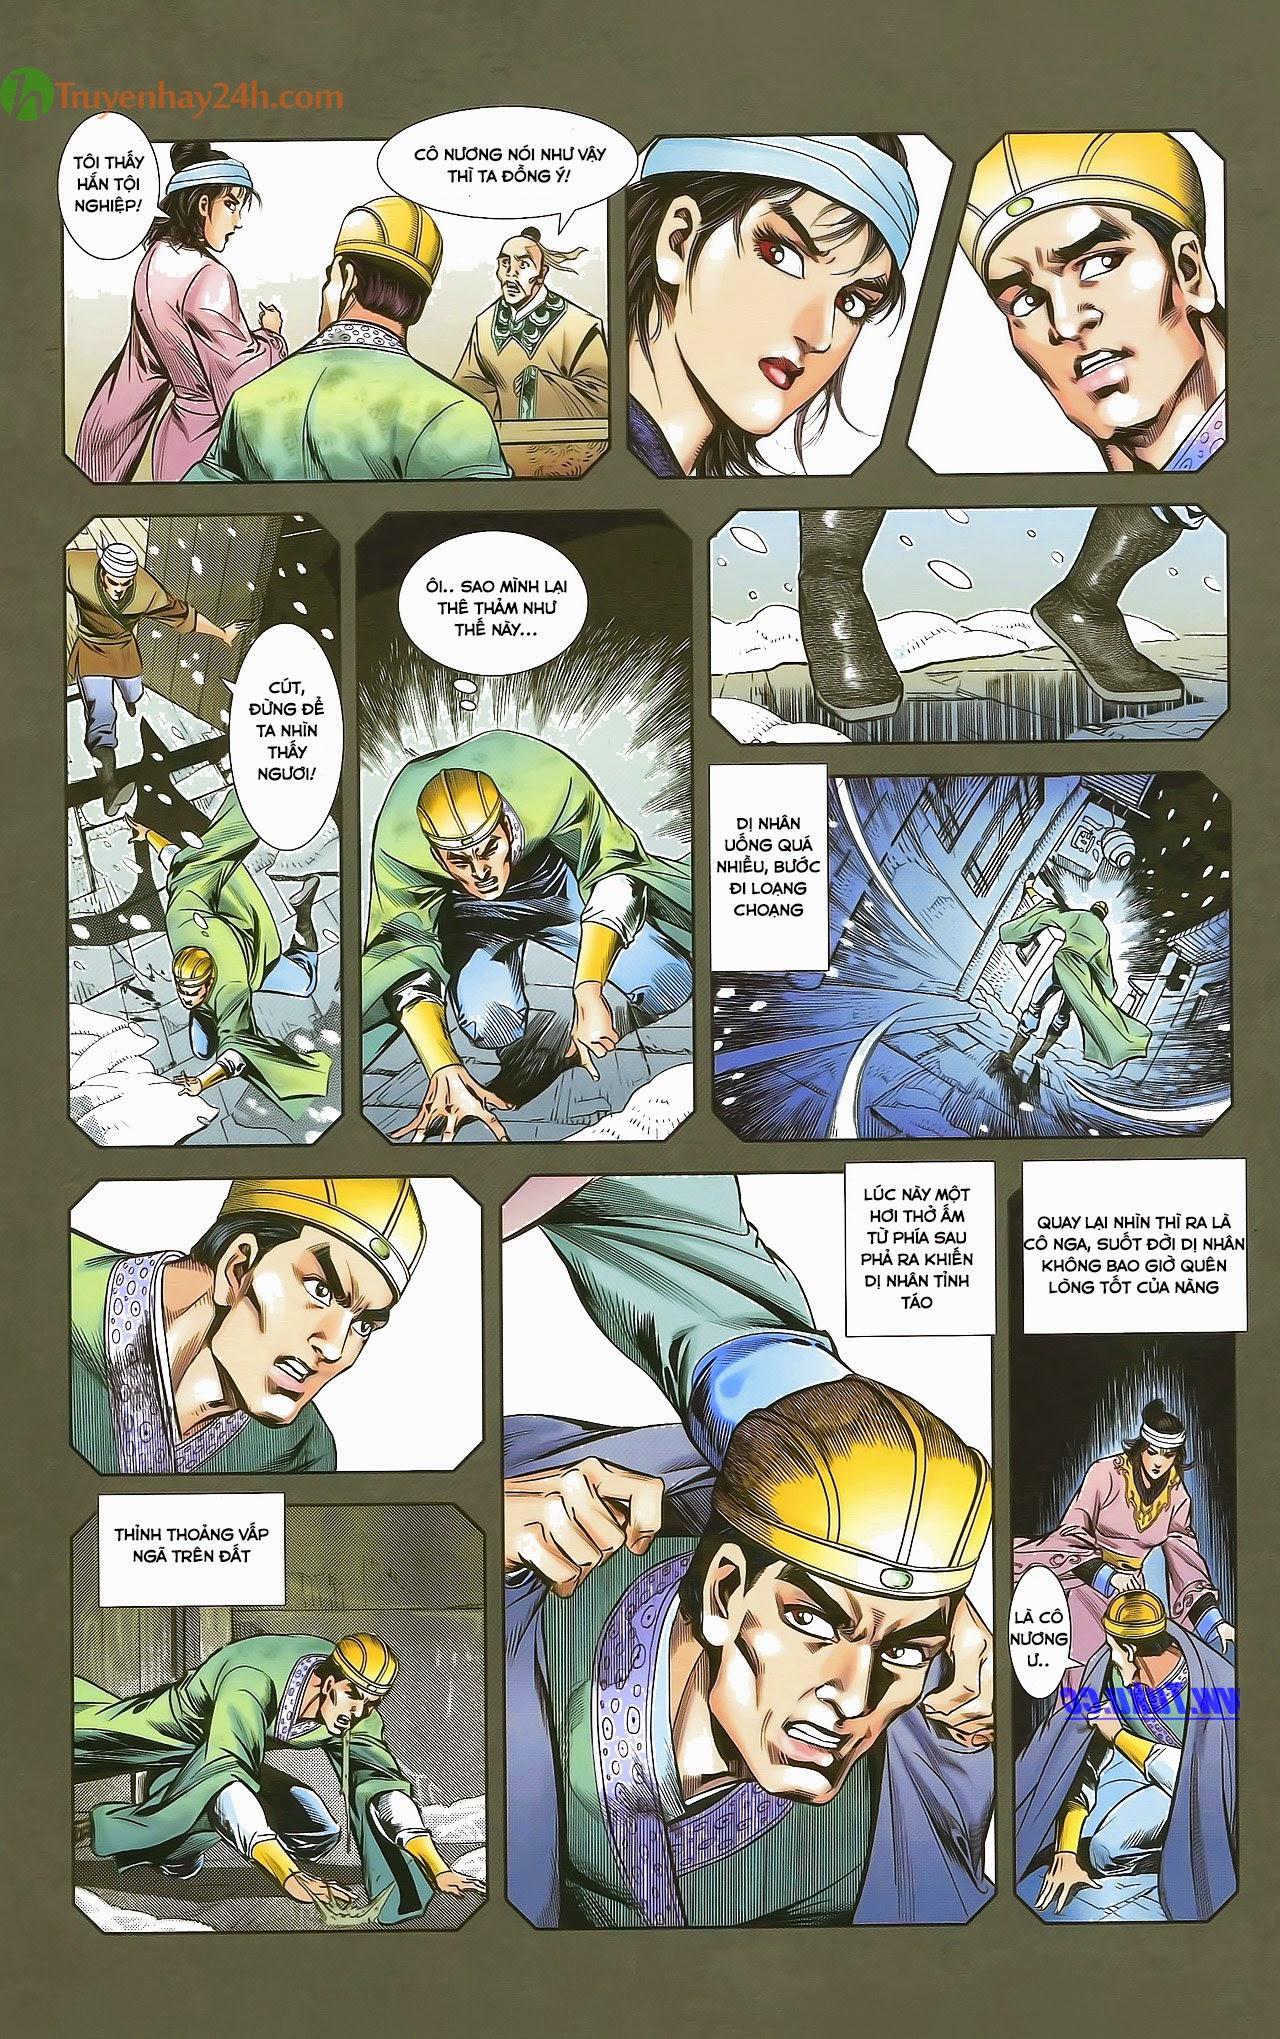 Tần Vương Doanh Chính chapter 29.1 trang 13